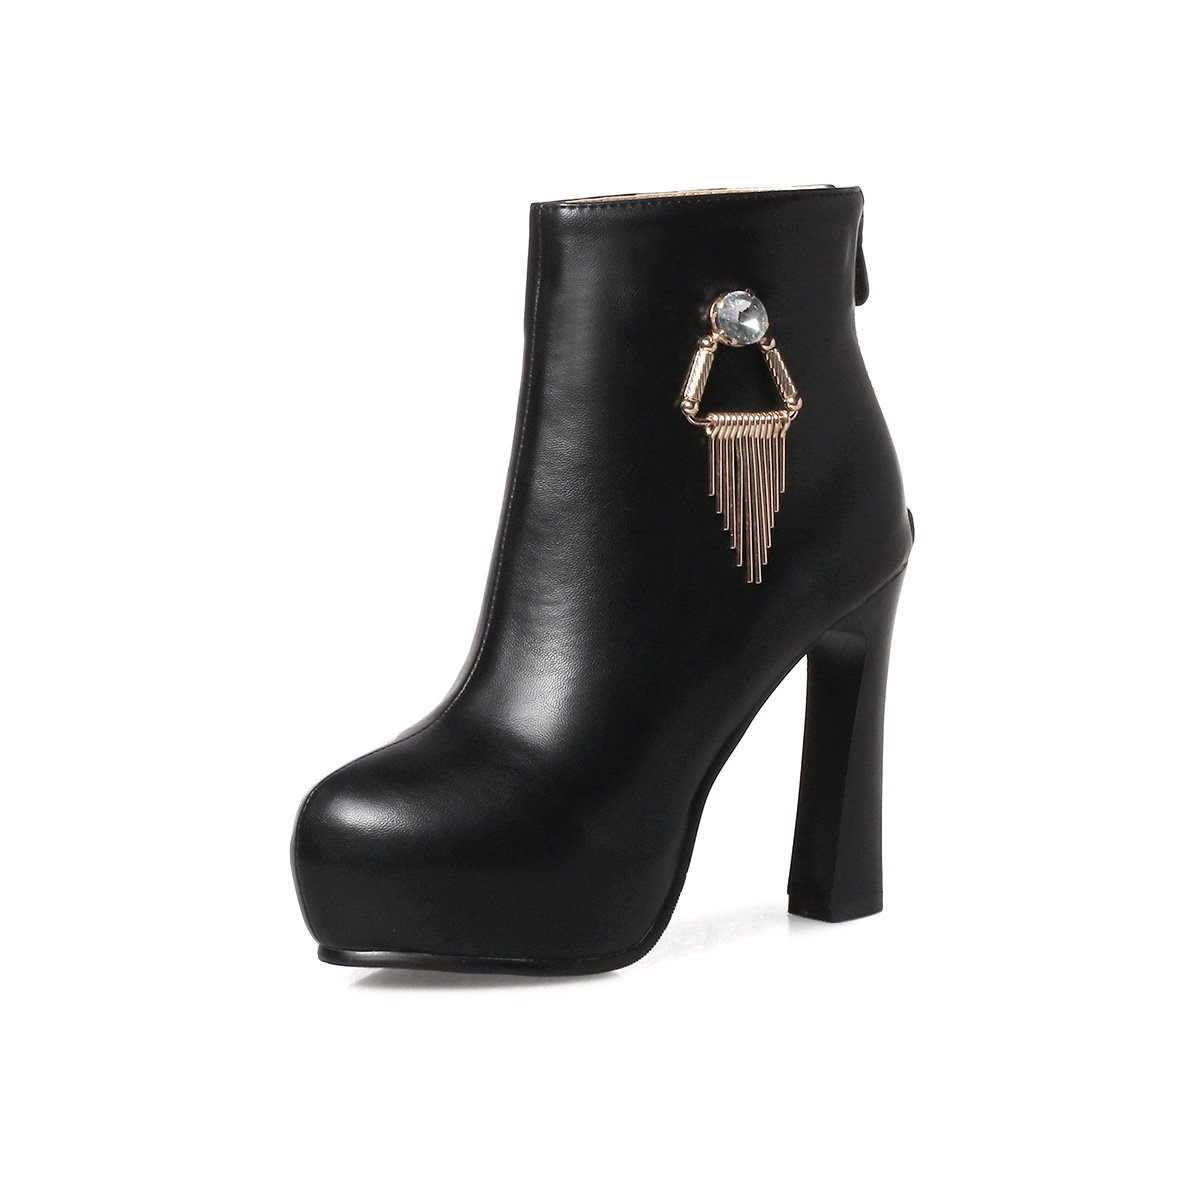 - DYF Chaussures Botte Courte Bold Fond épais en Métal Strass Talon Haut,noir,41